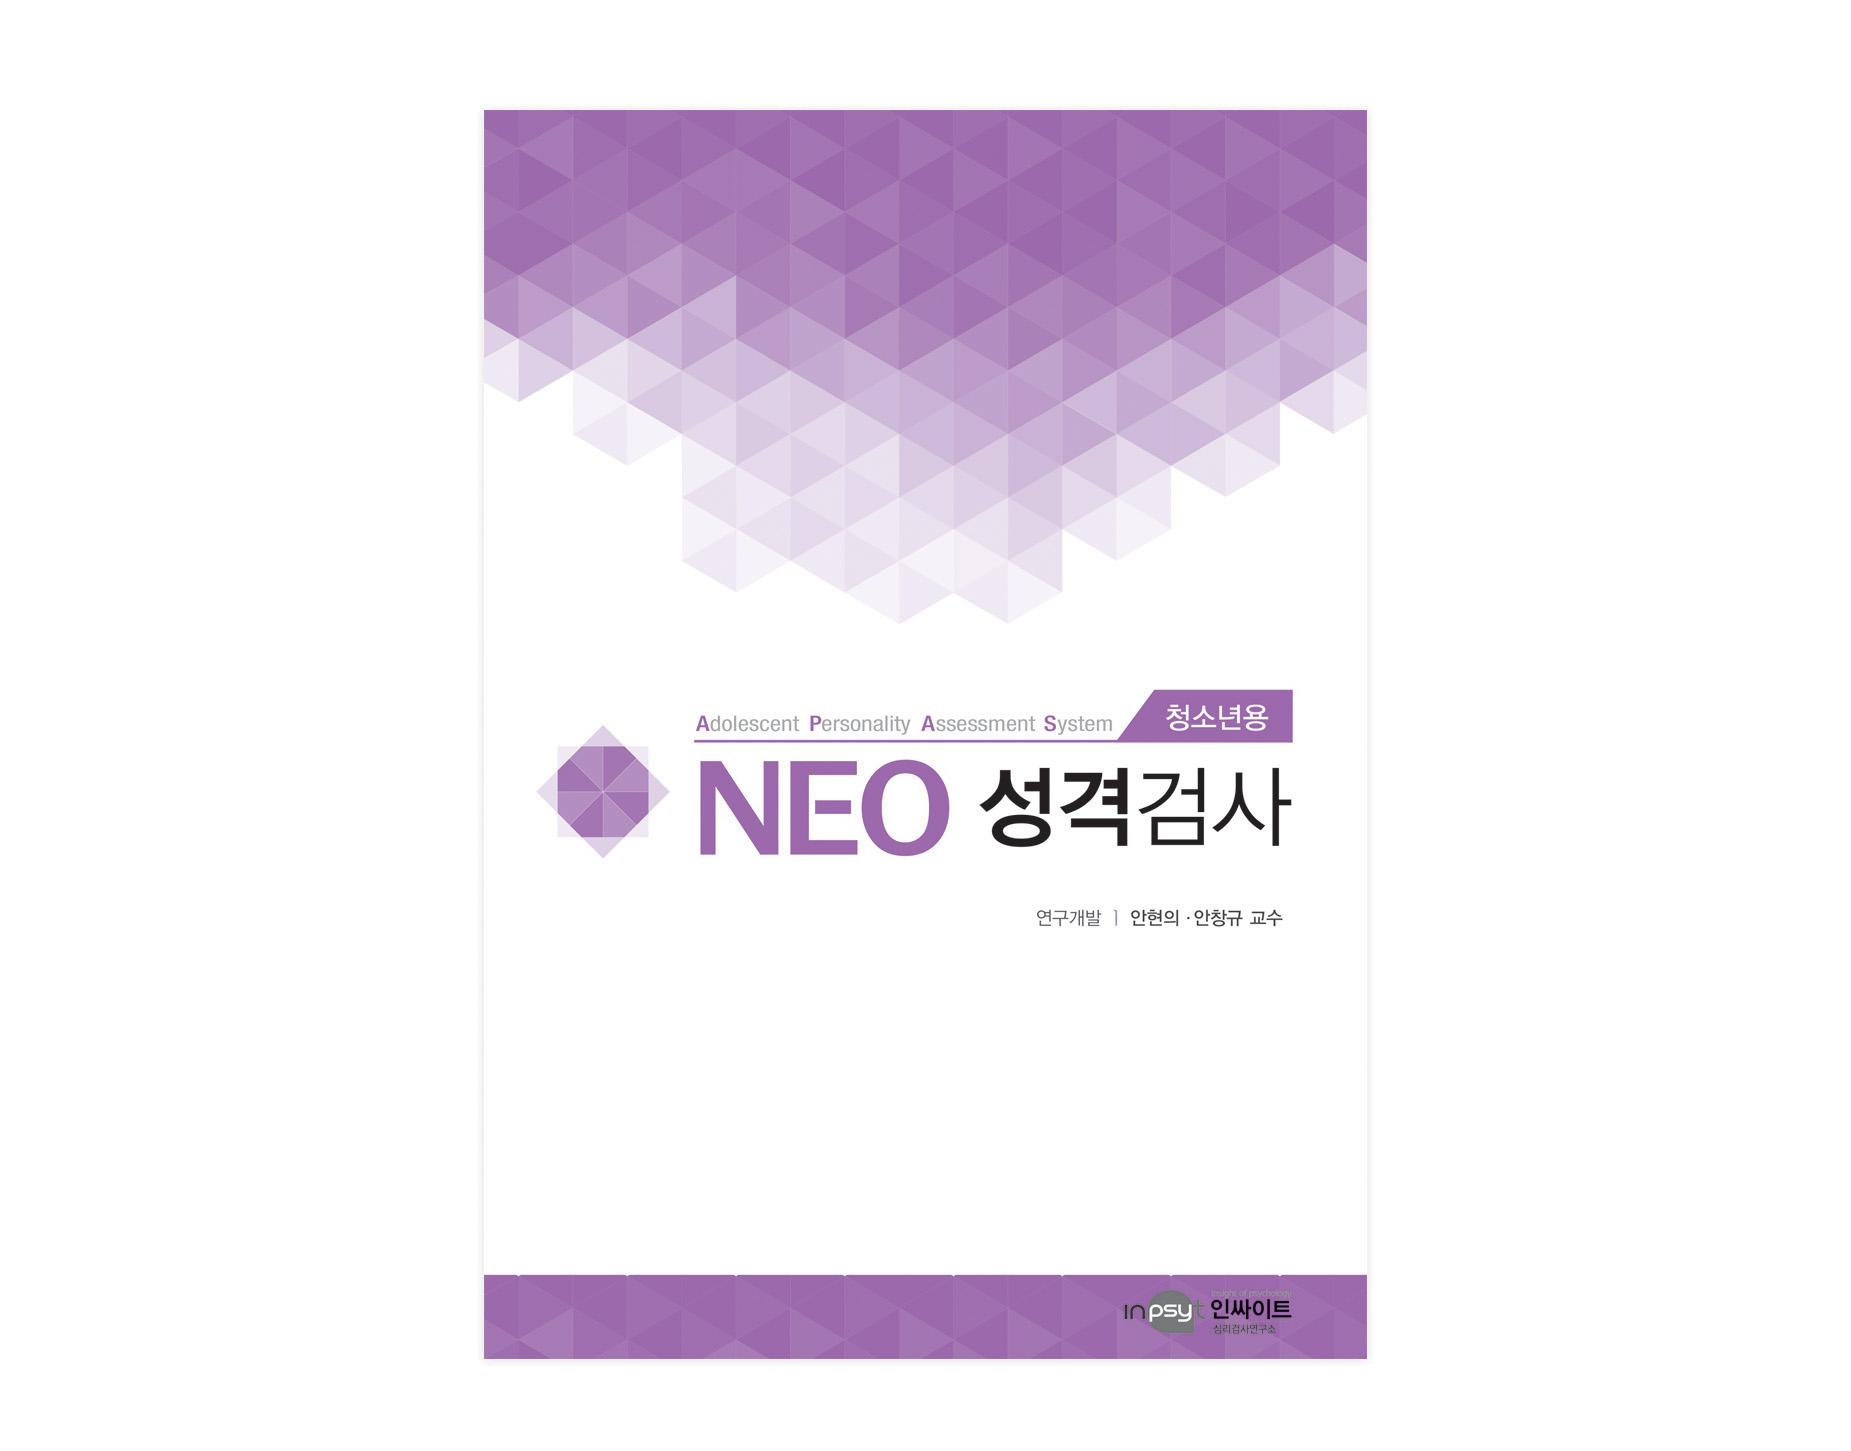 NEO 네오 성격검사(청소년용)